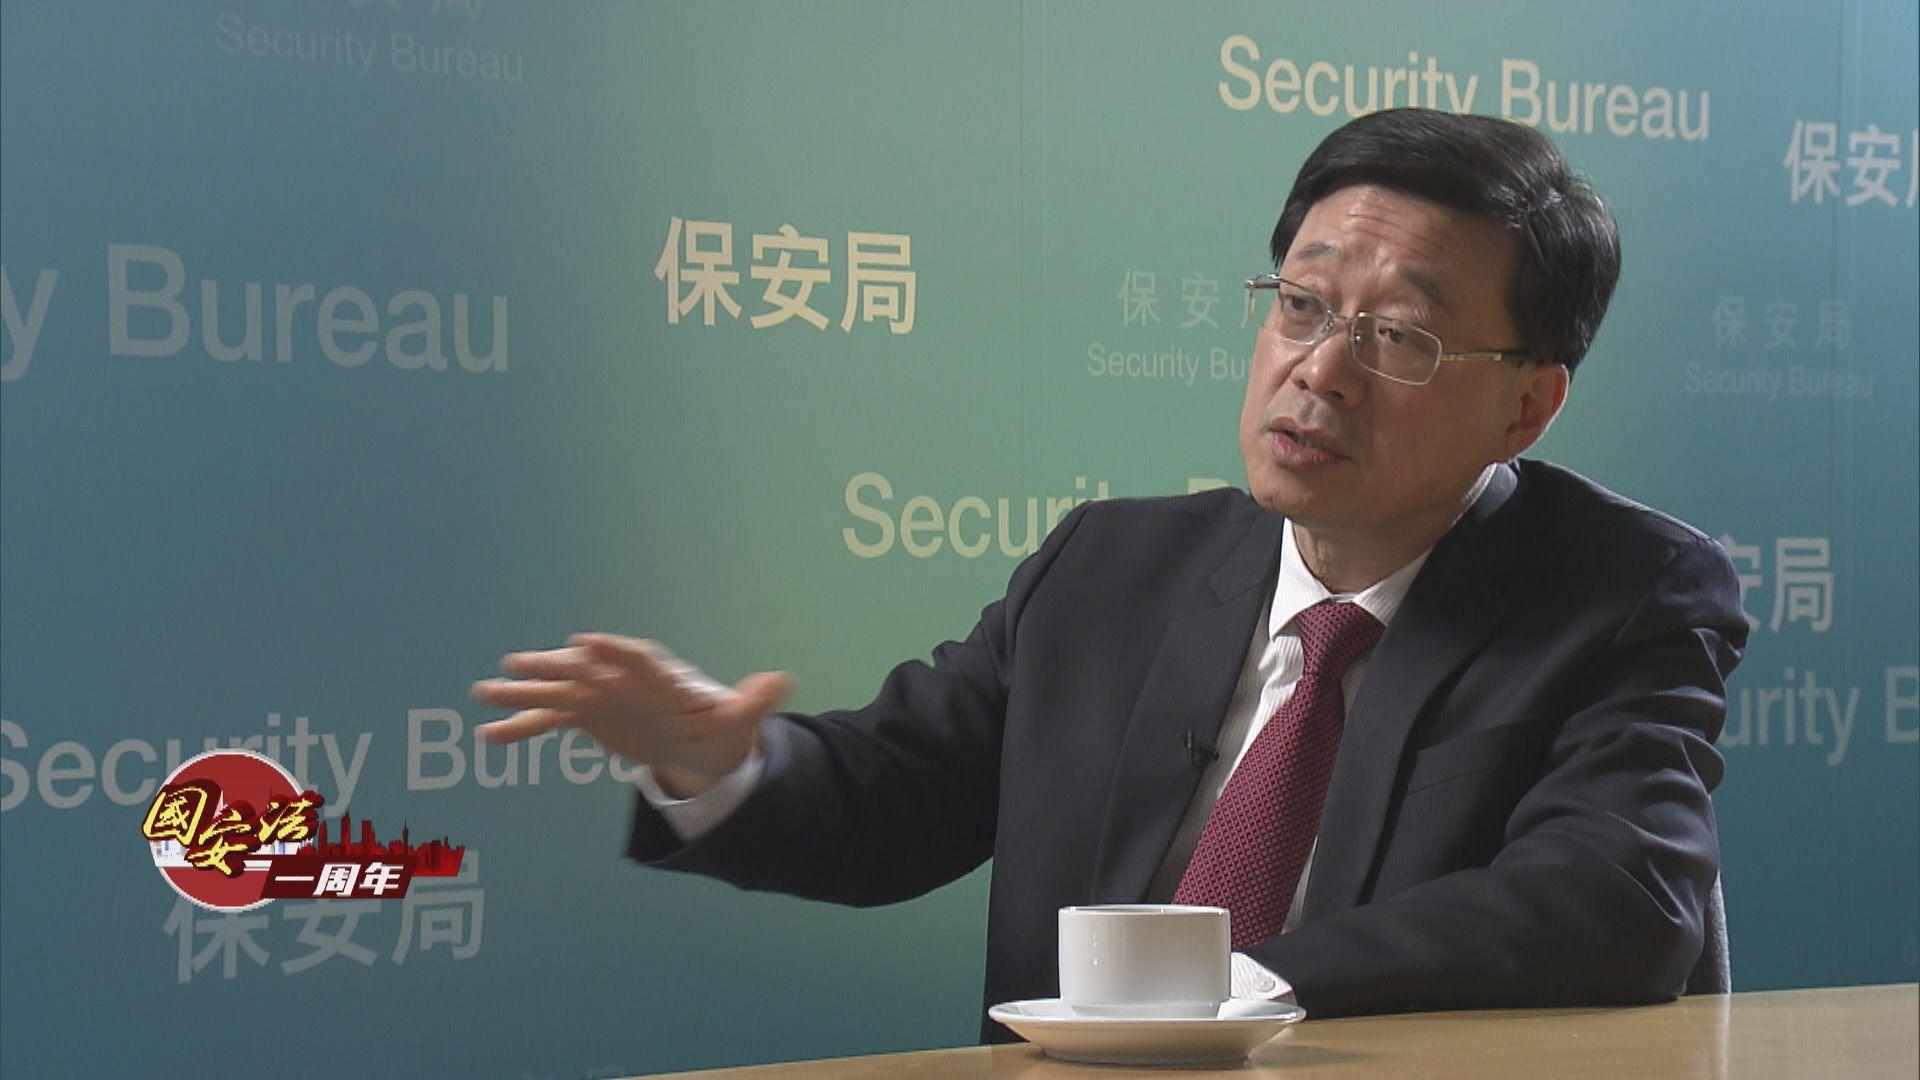 【專訪】李家超︰國安風險已減低 須防資金或軟性宣傳